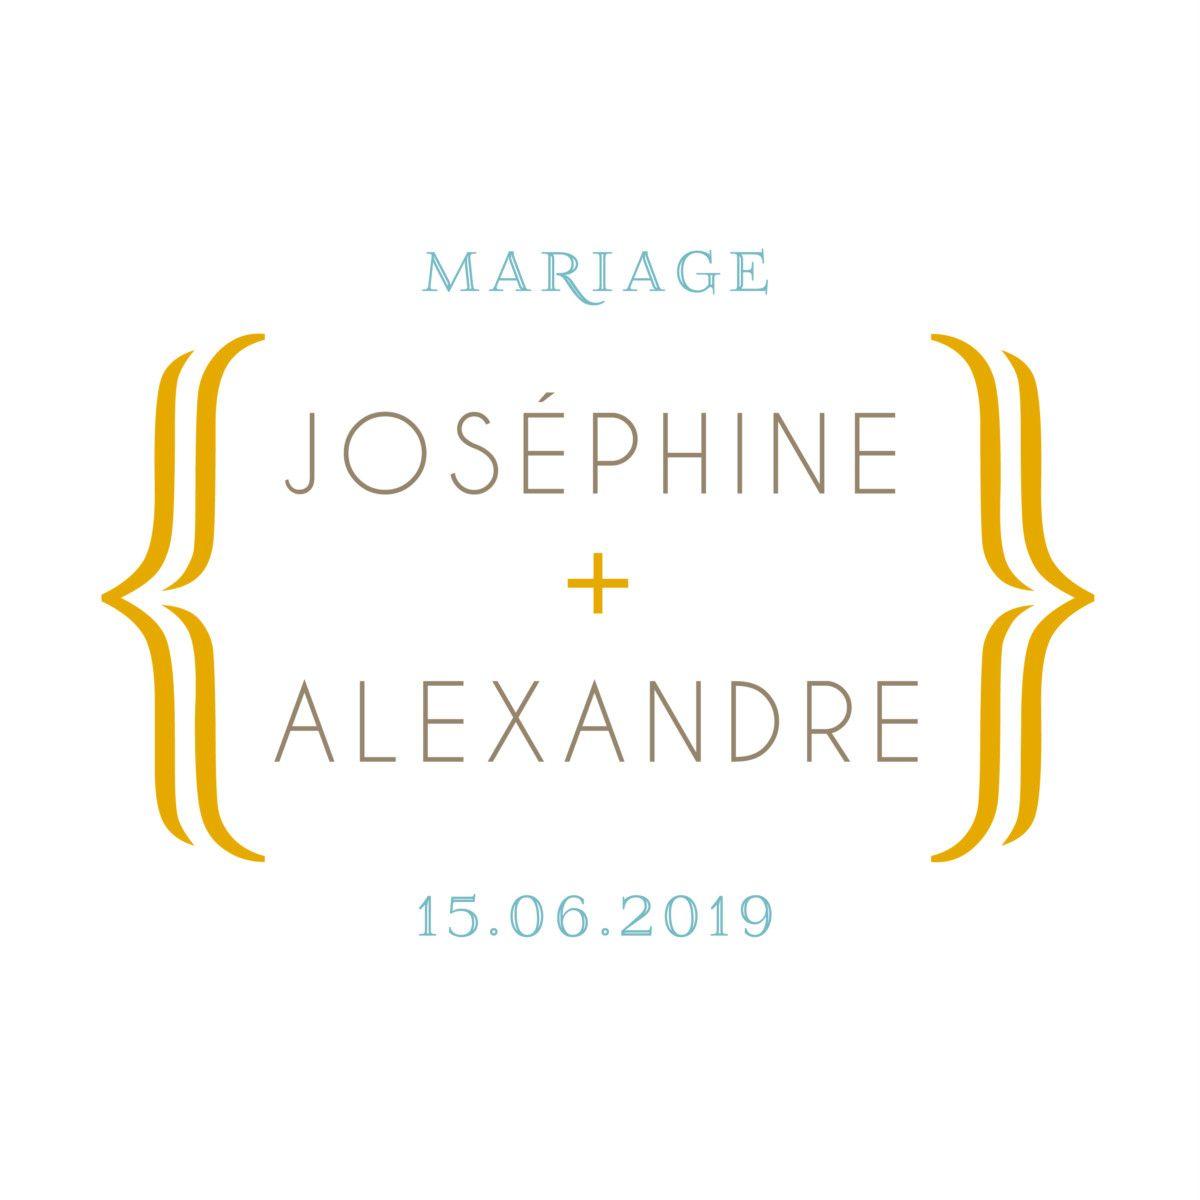 L'esthétique moderne et originale de l'étiquette de mariage Accolades saura se faire remarquer. #giftlabel #wedding #design #typographic